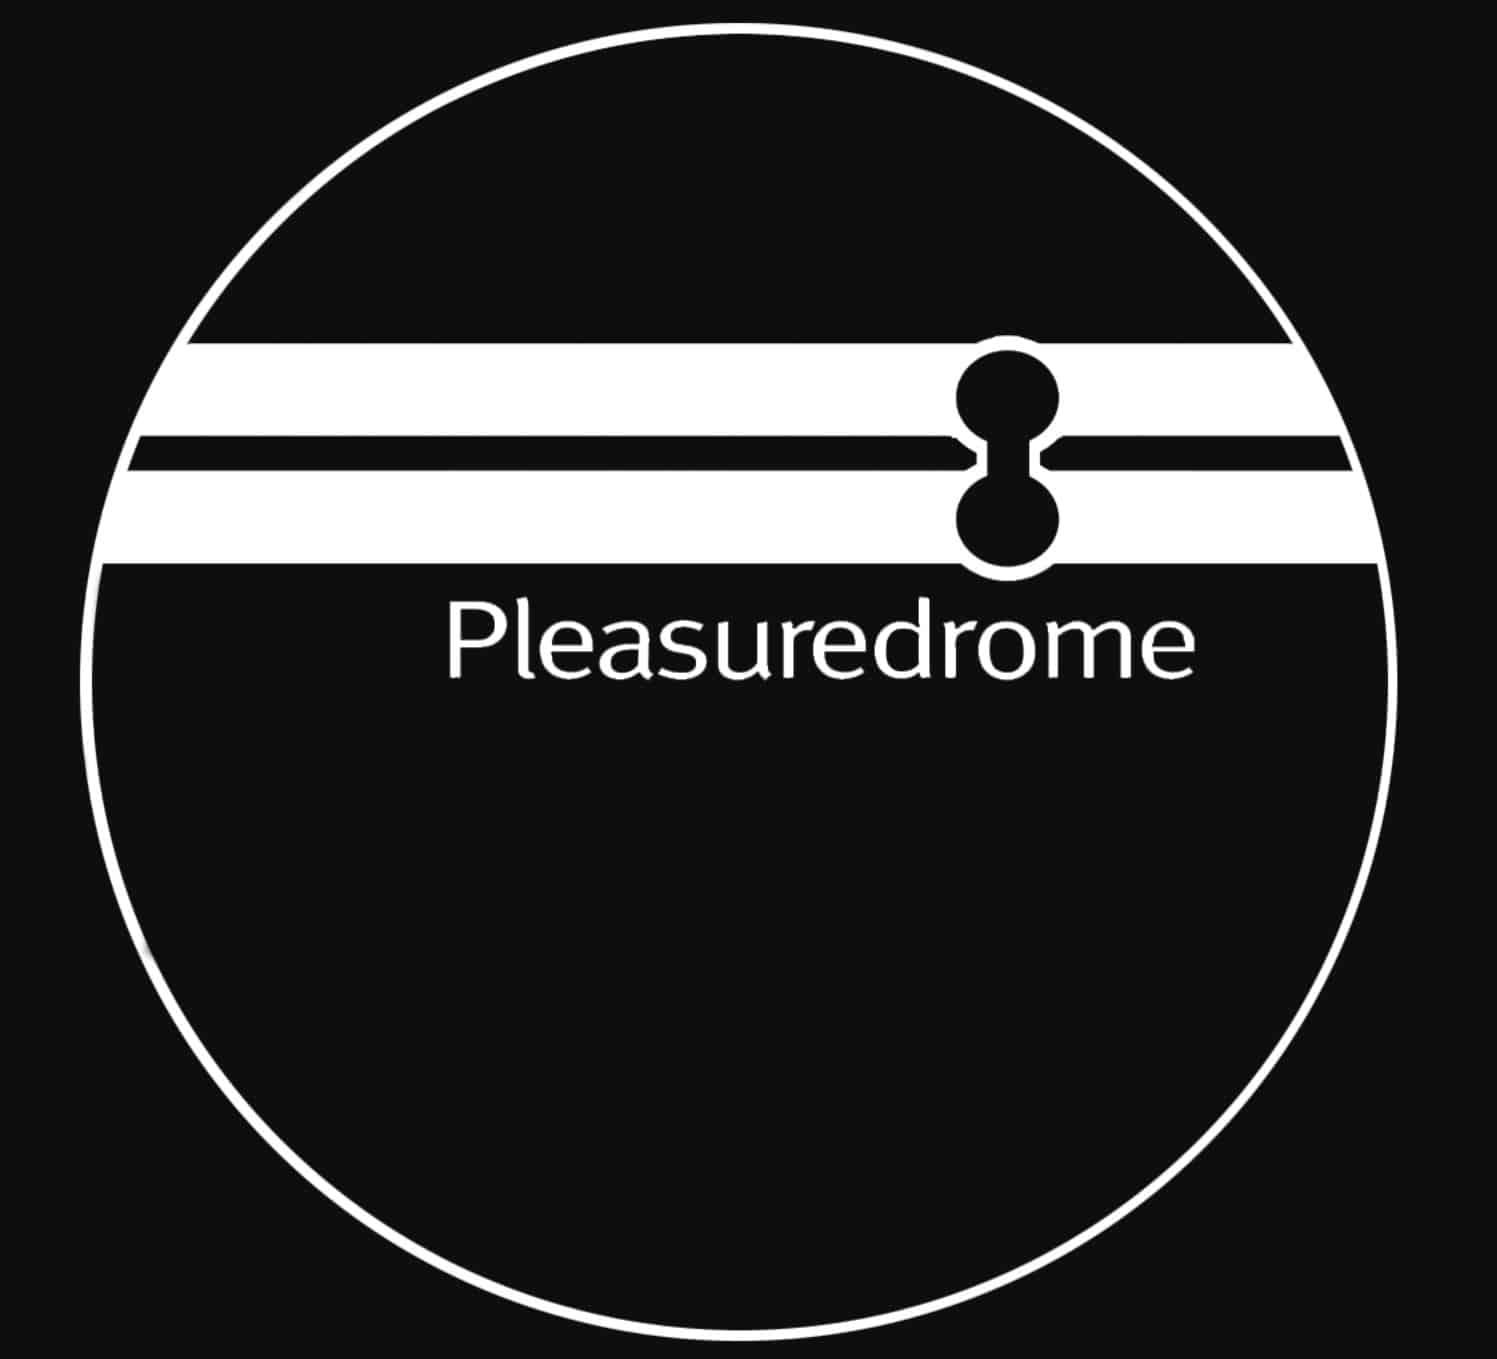 Pleasuredrome